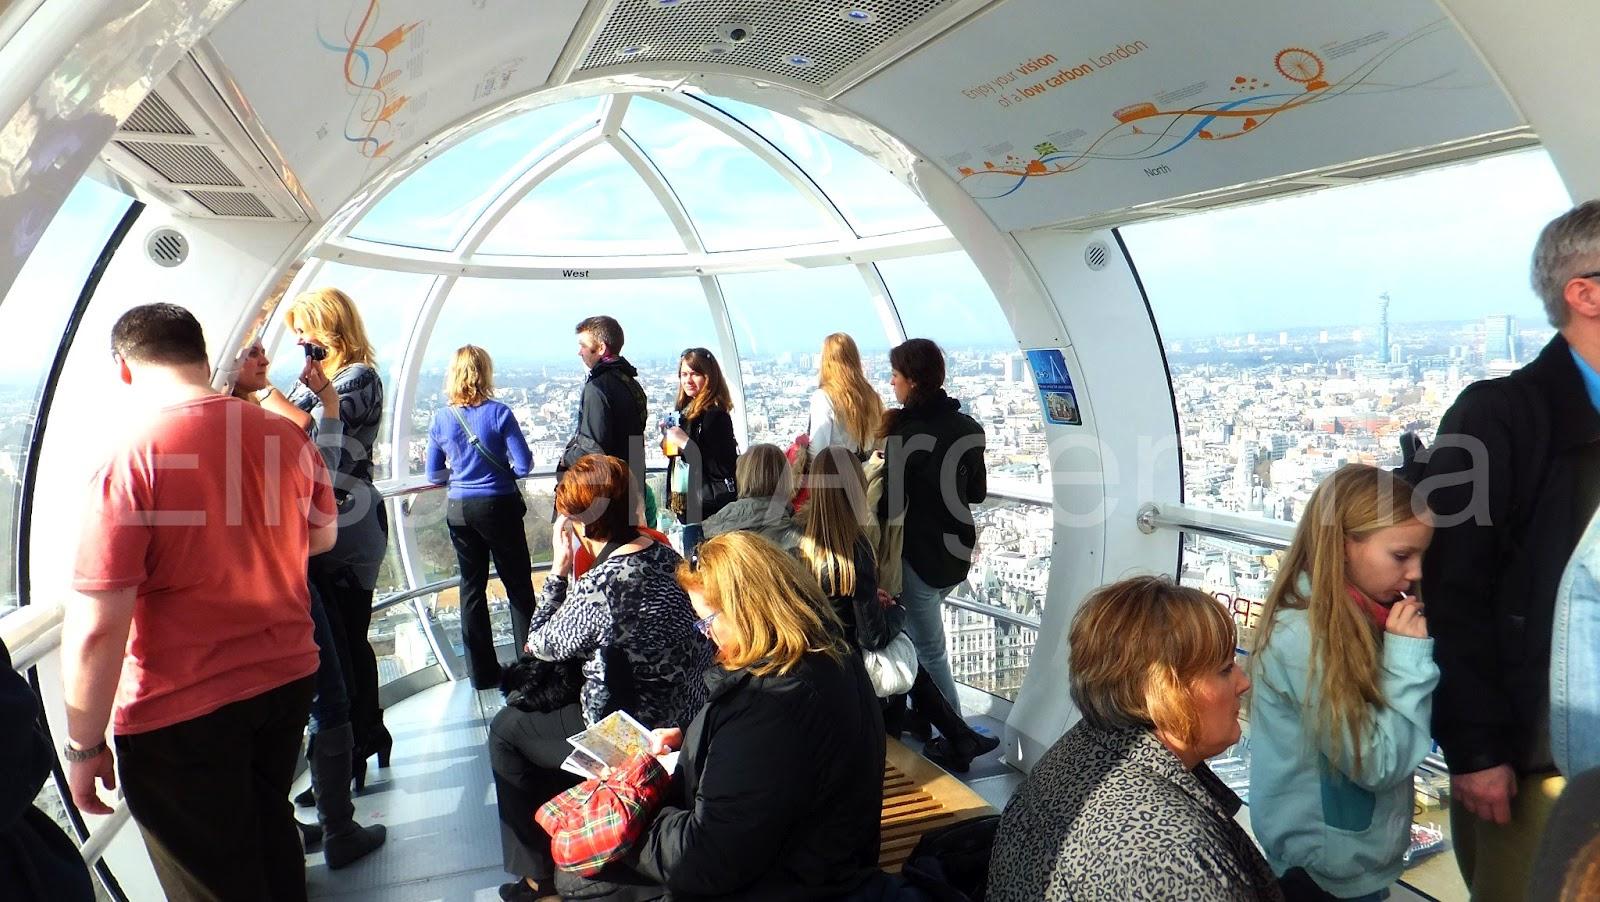 People in London: London Eye